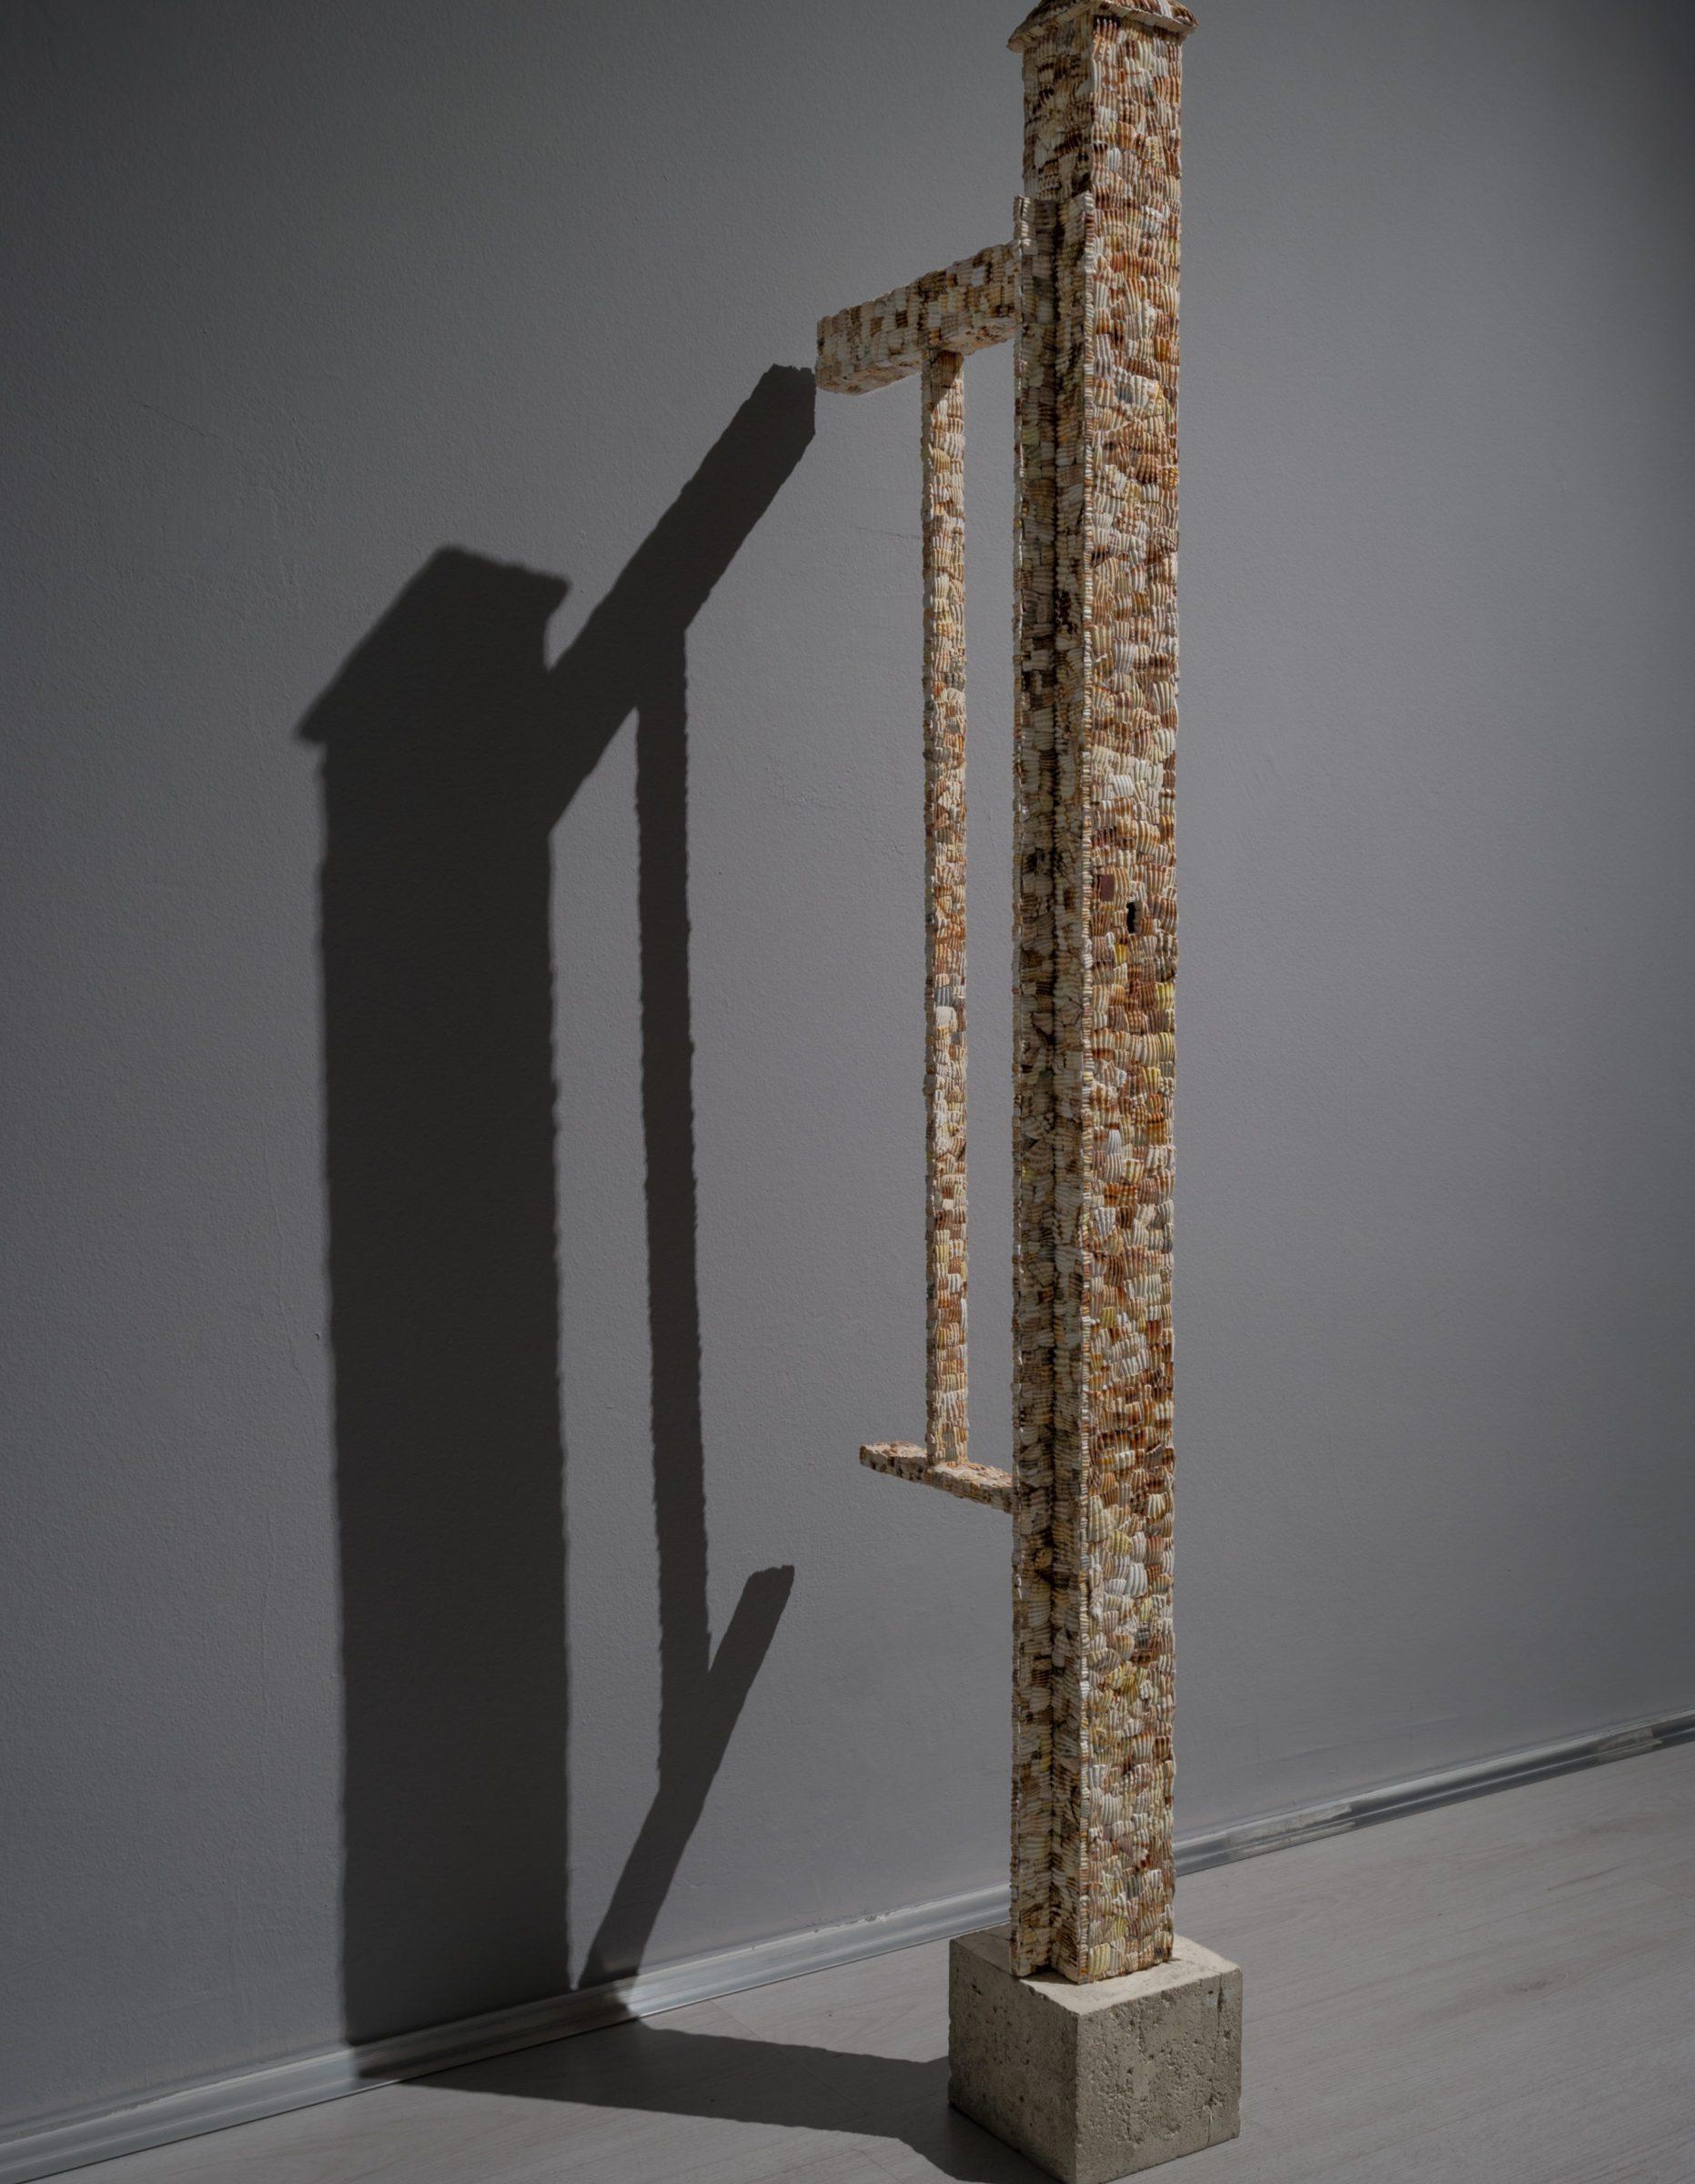 Marco Gobbi, Doppelganger Thresholds, legno, frammenti di conchiglia, metallo, cemento, 130x30x12cm, 2016